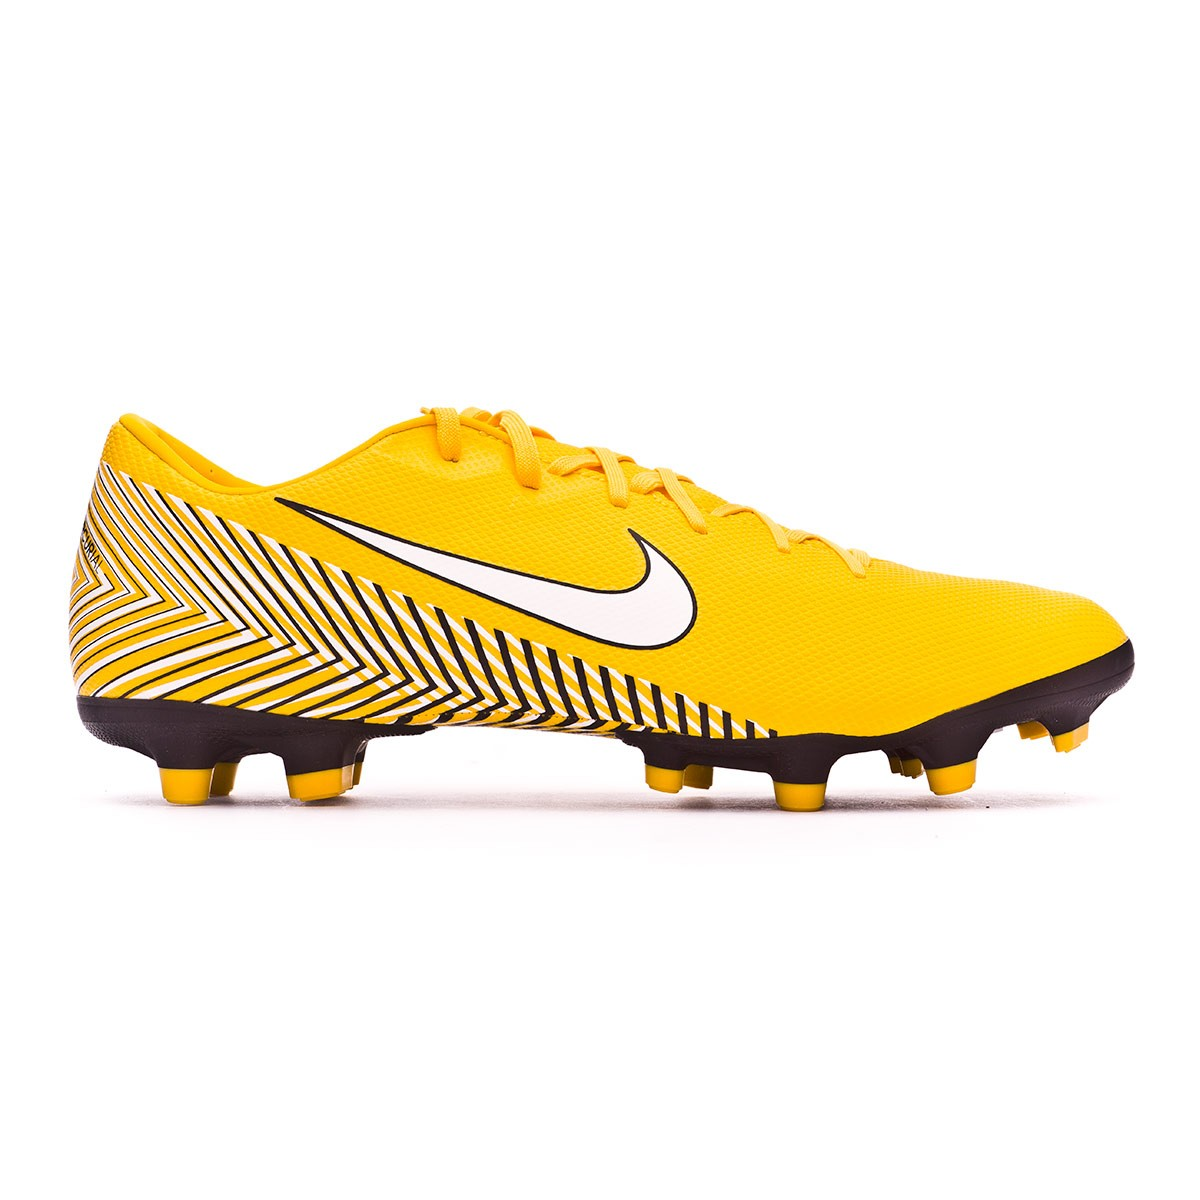 Chuteira Campo Nike Mercurial Vapor 12 Academy Neymar FG